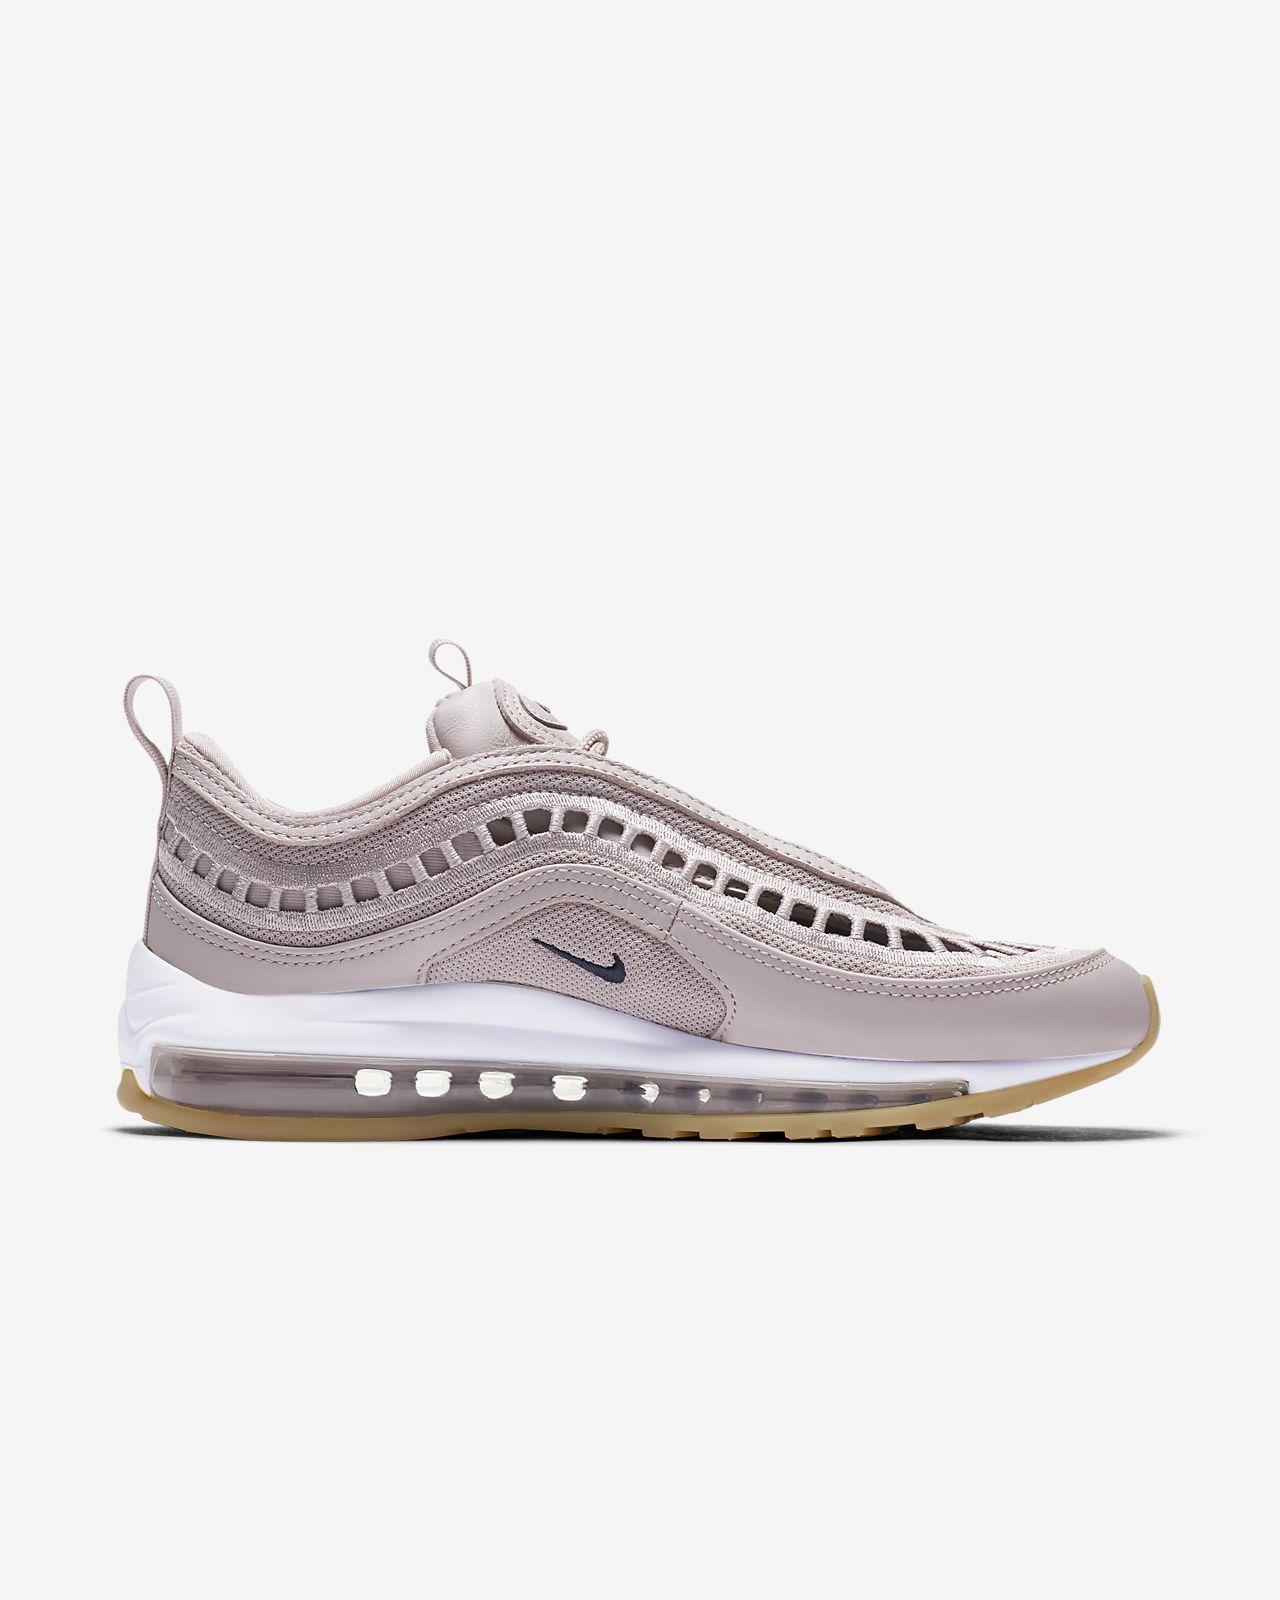 chaussure nike air max 97 femme